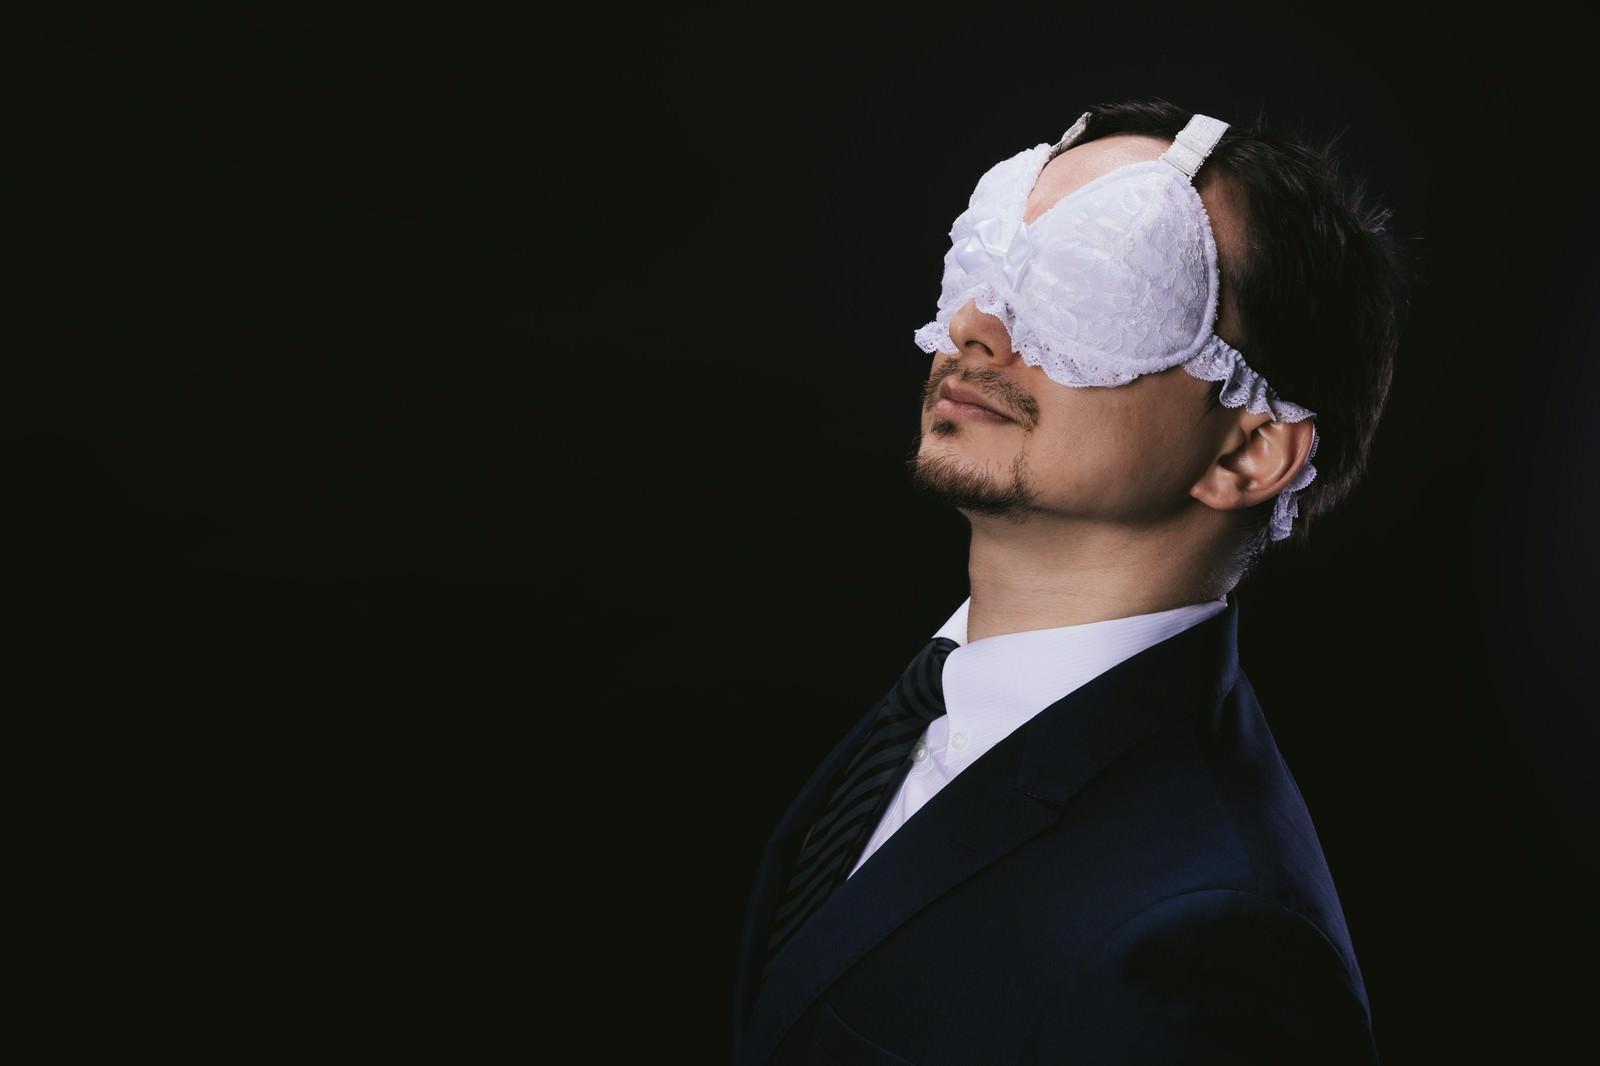 「レースのアイマスクを装着する変態紳士レースのアイマスクを装着する変態紳士」[モデル:Max_Ezaki]のフリー写真素材を拡大